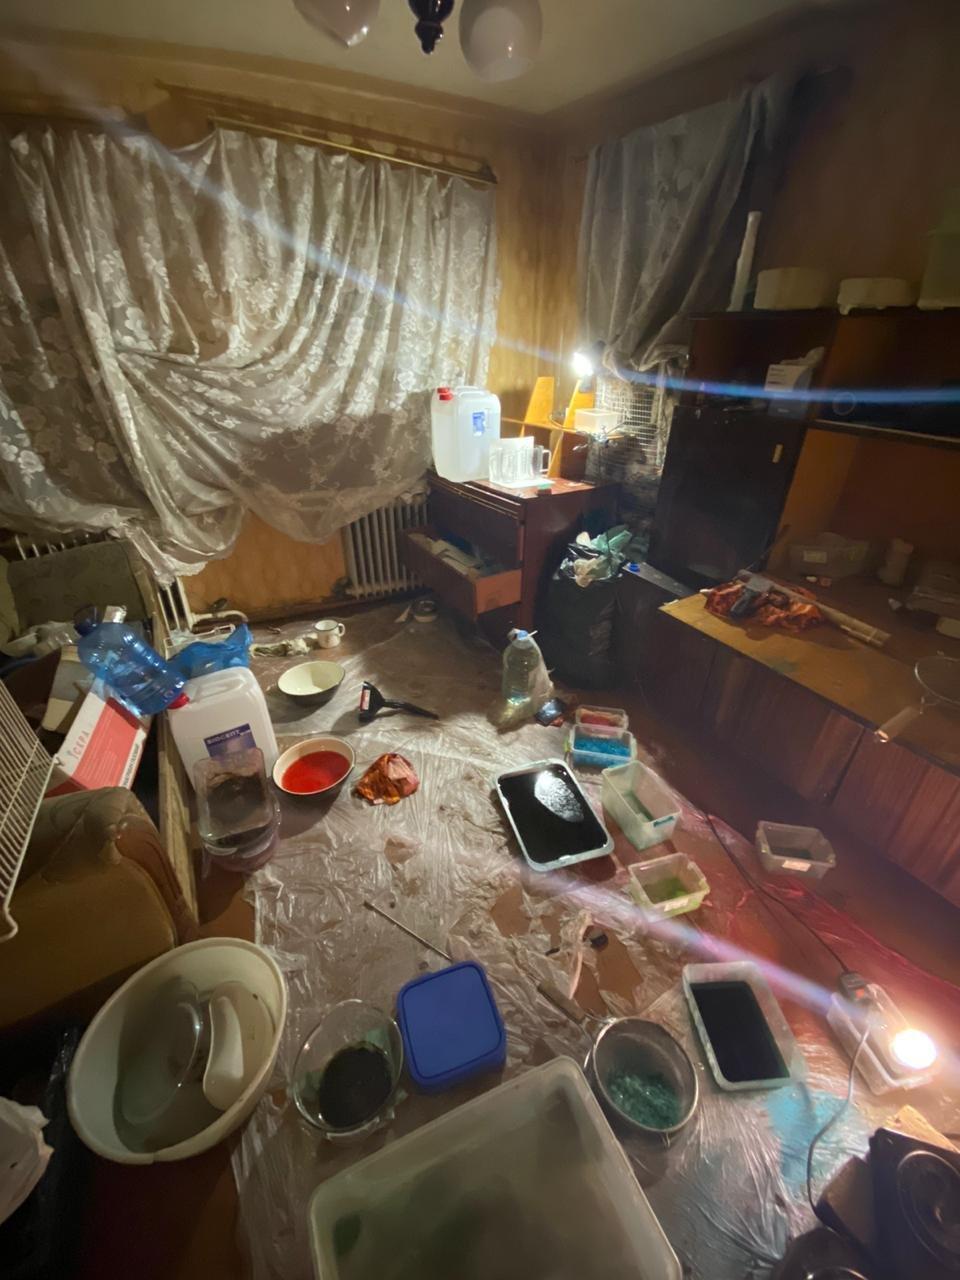 На Харьковщине двое местных жителей в доме готовили наркотики и хранили полтора килограмма «психотропов», - ФОТО  , фото-2